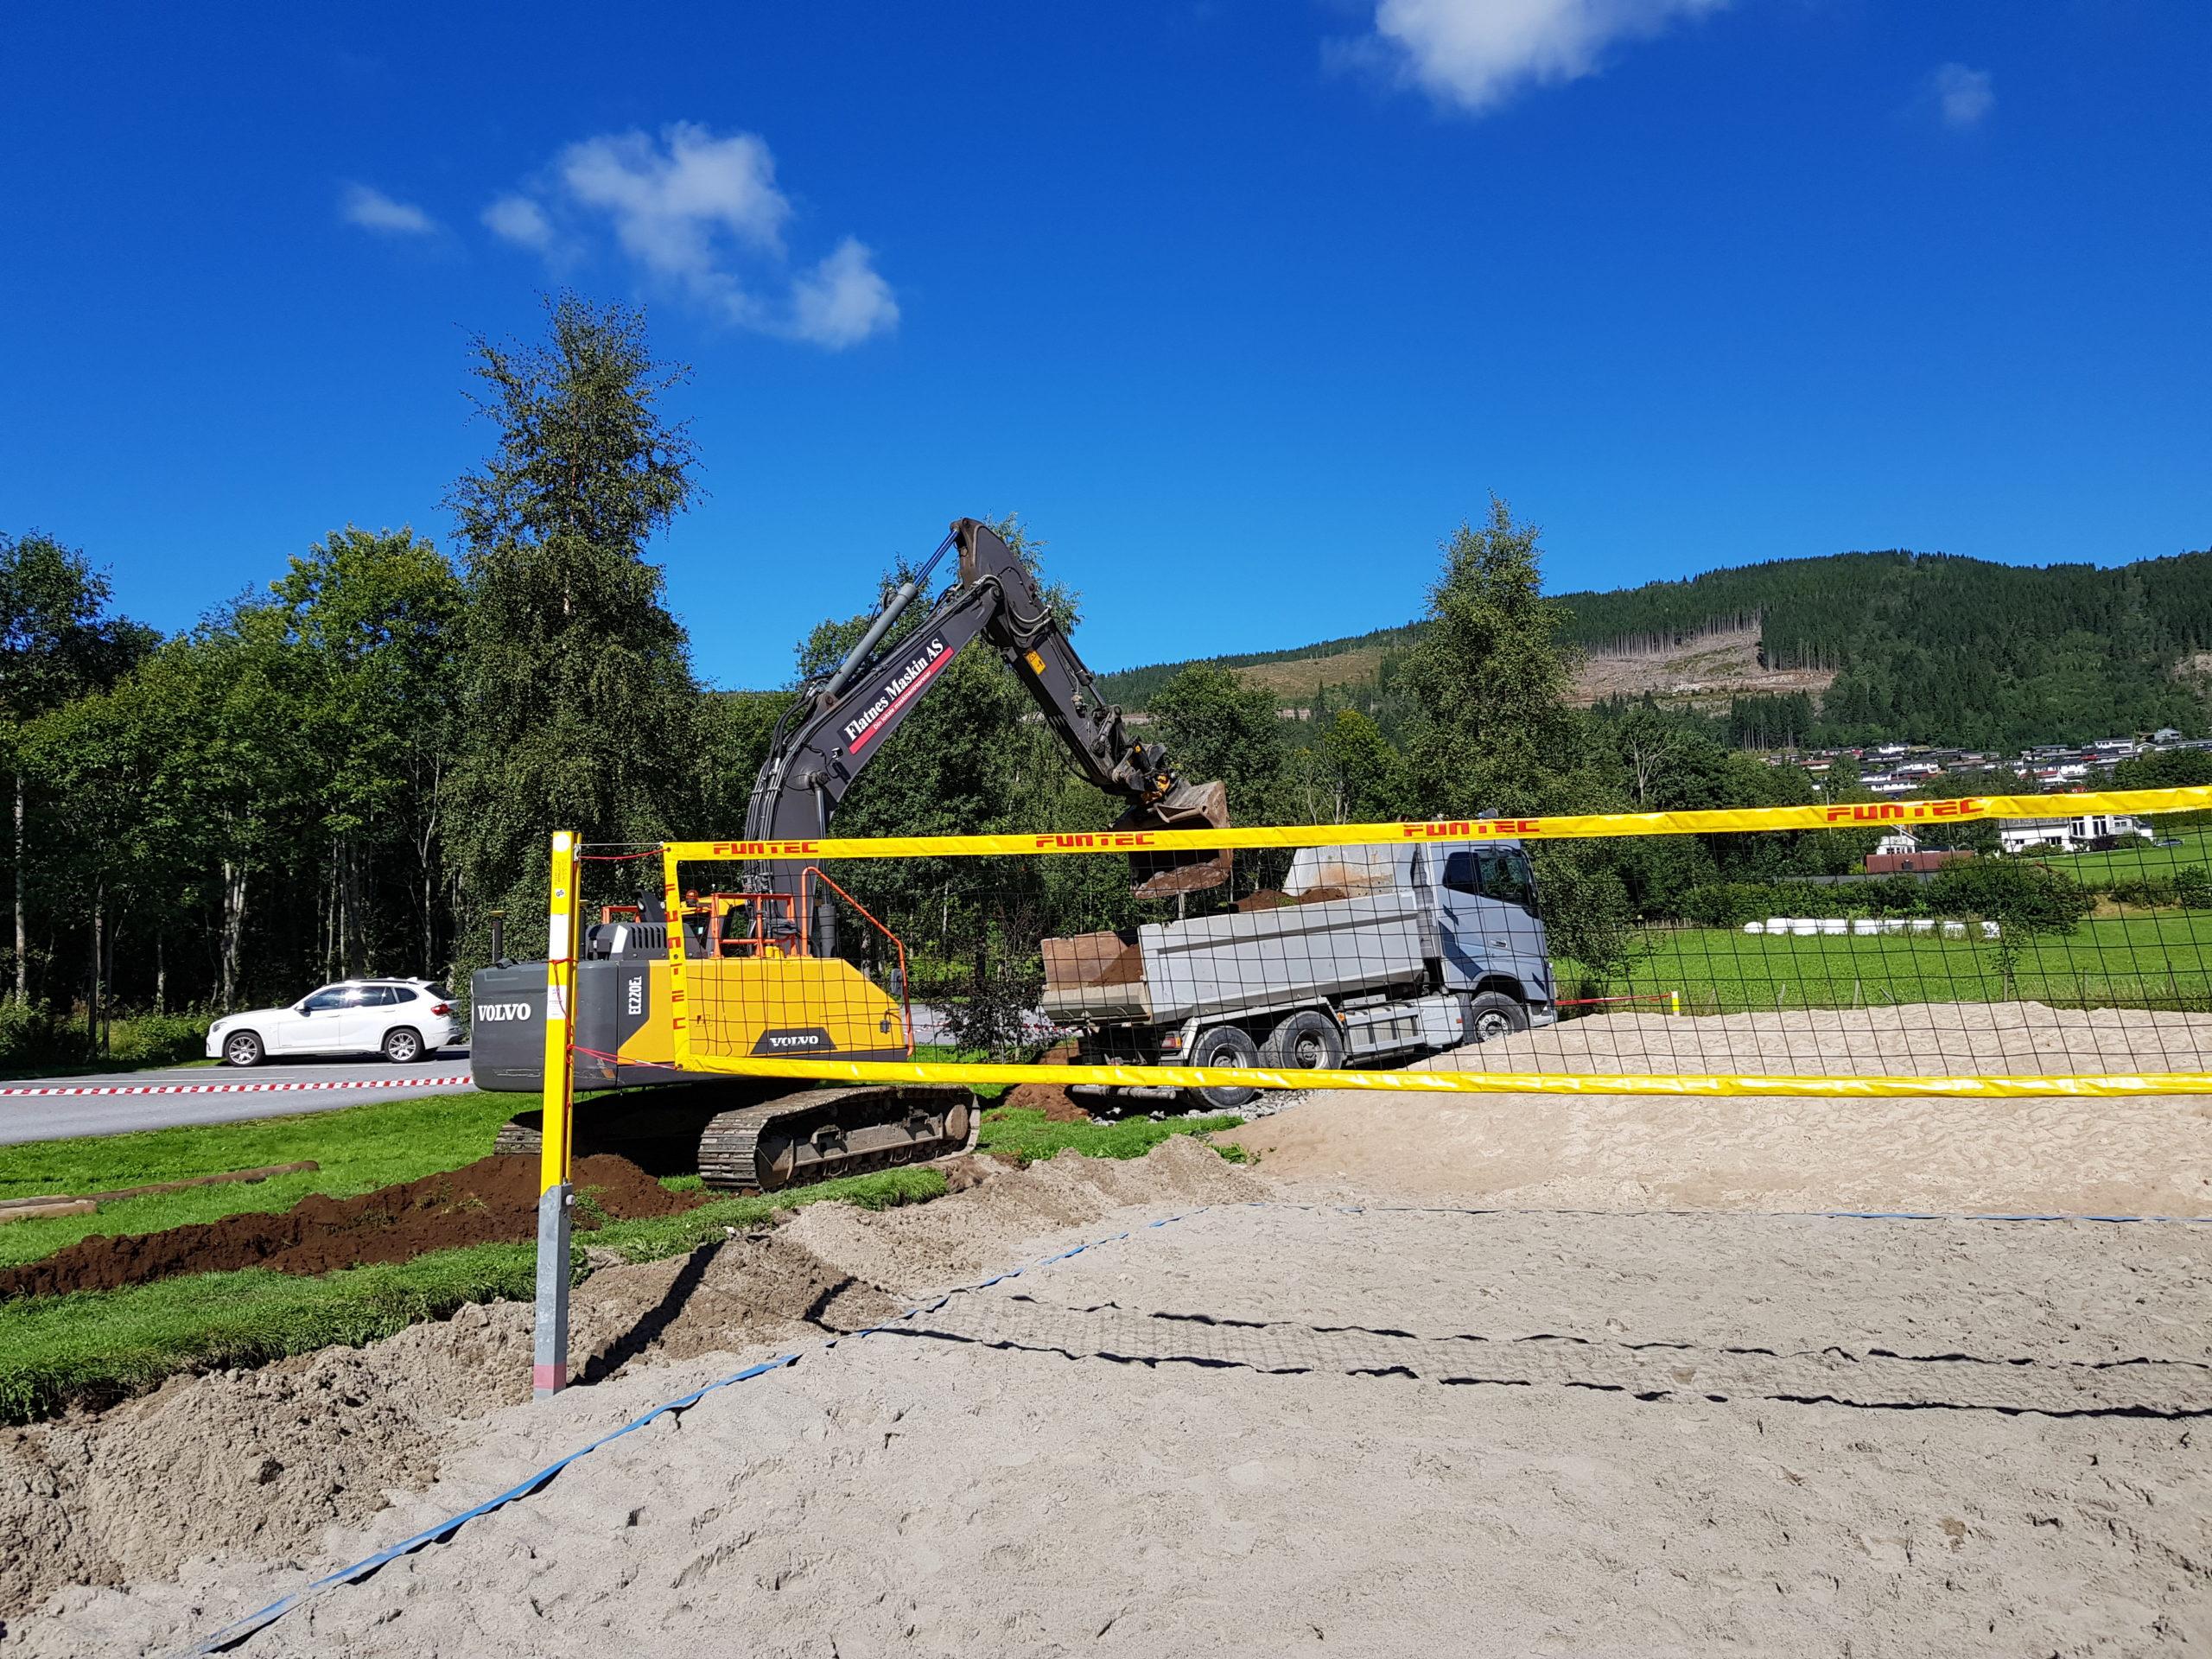 Utvidelse av volleyballbana på Årneset i Volda for KFUM Volda Volley